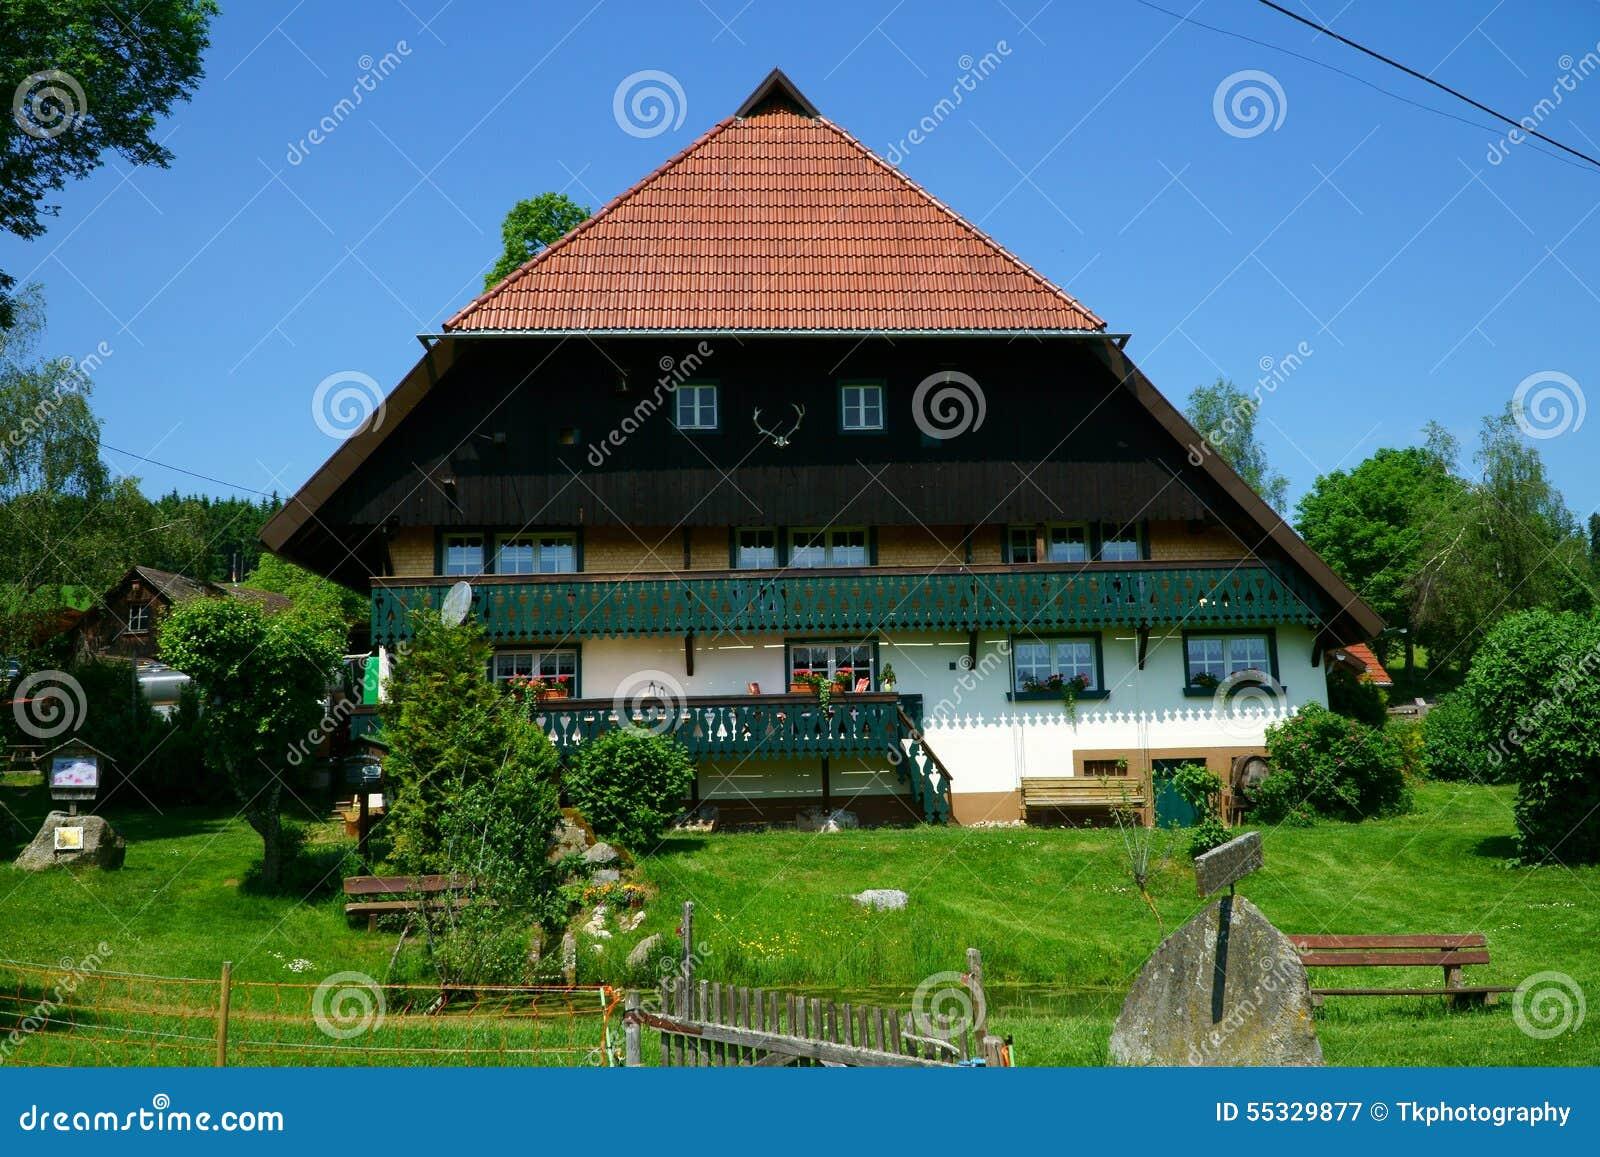 Maison de campagne une grande ferme dans la for t noire for Une maison de campagne